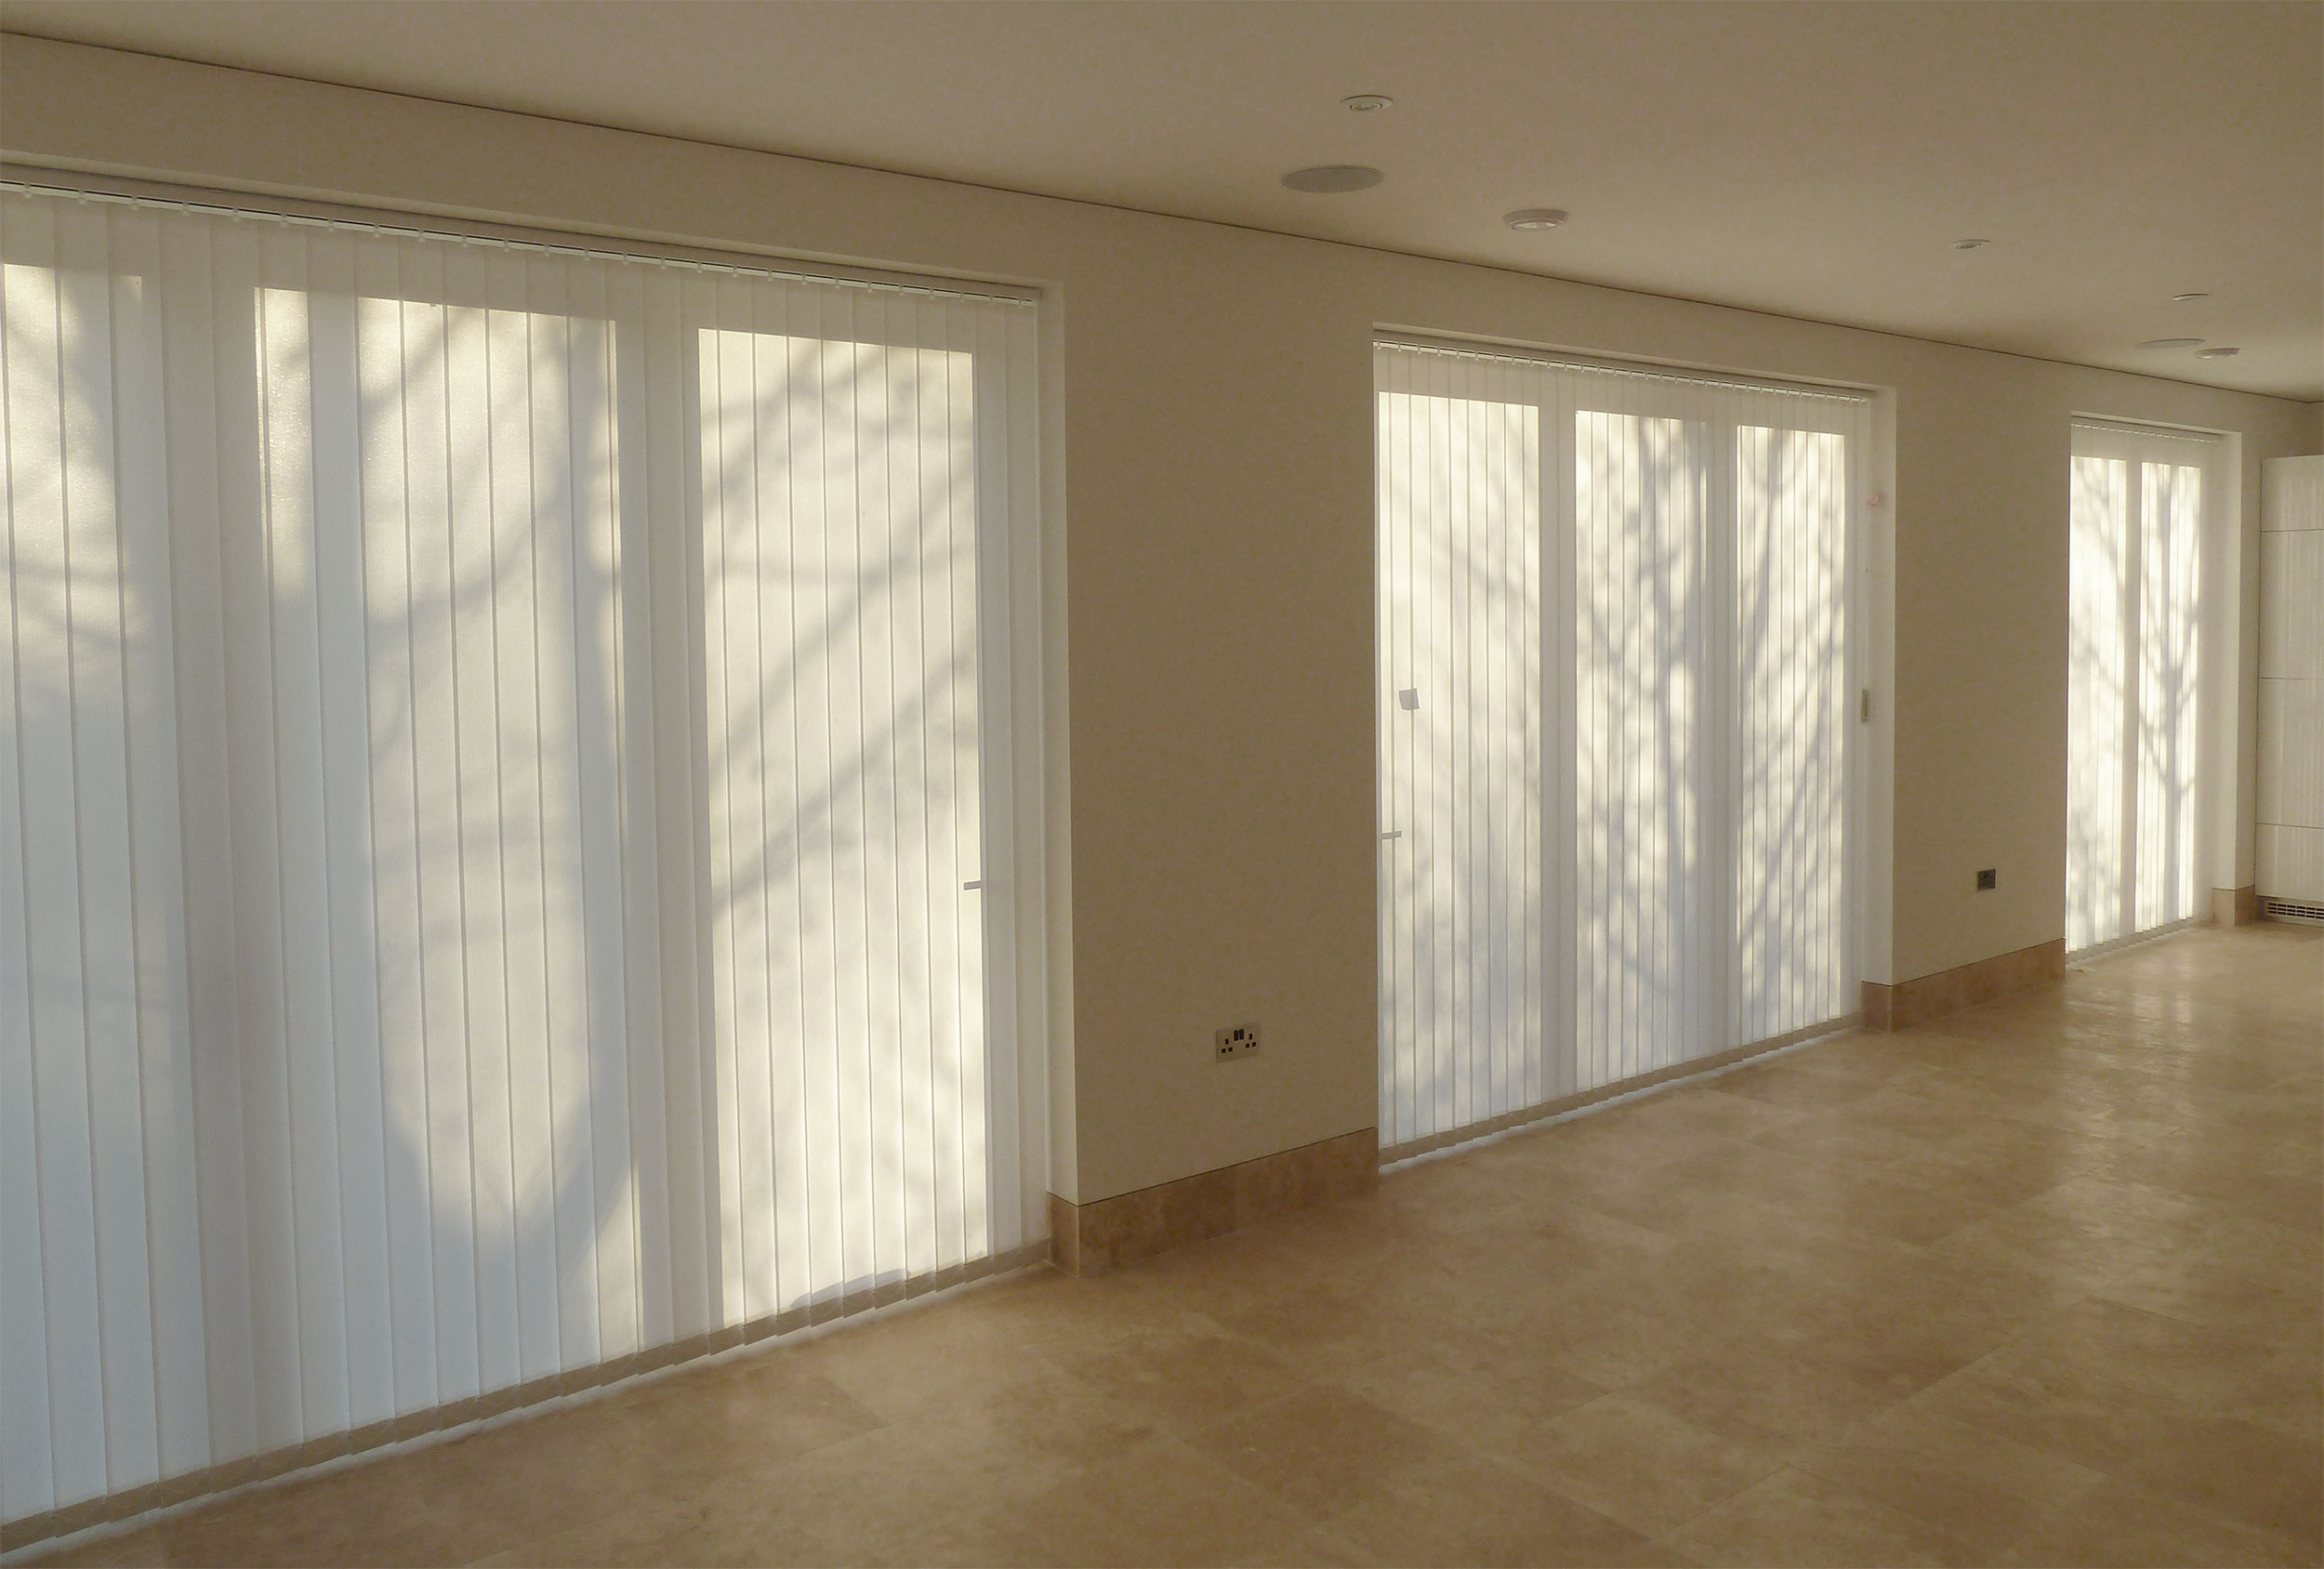 interior Larchwood dwelling modece architects suffolk bury st edmunds sustainable eco